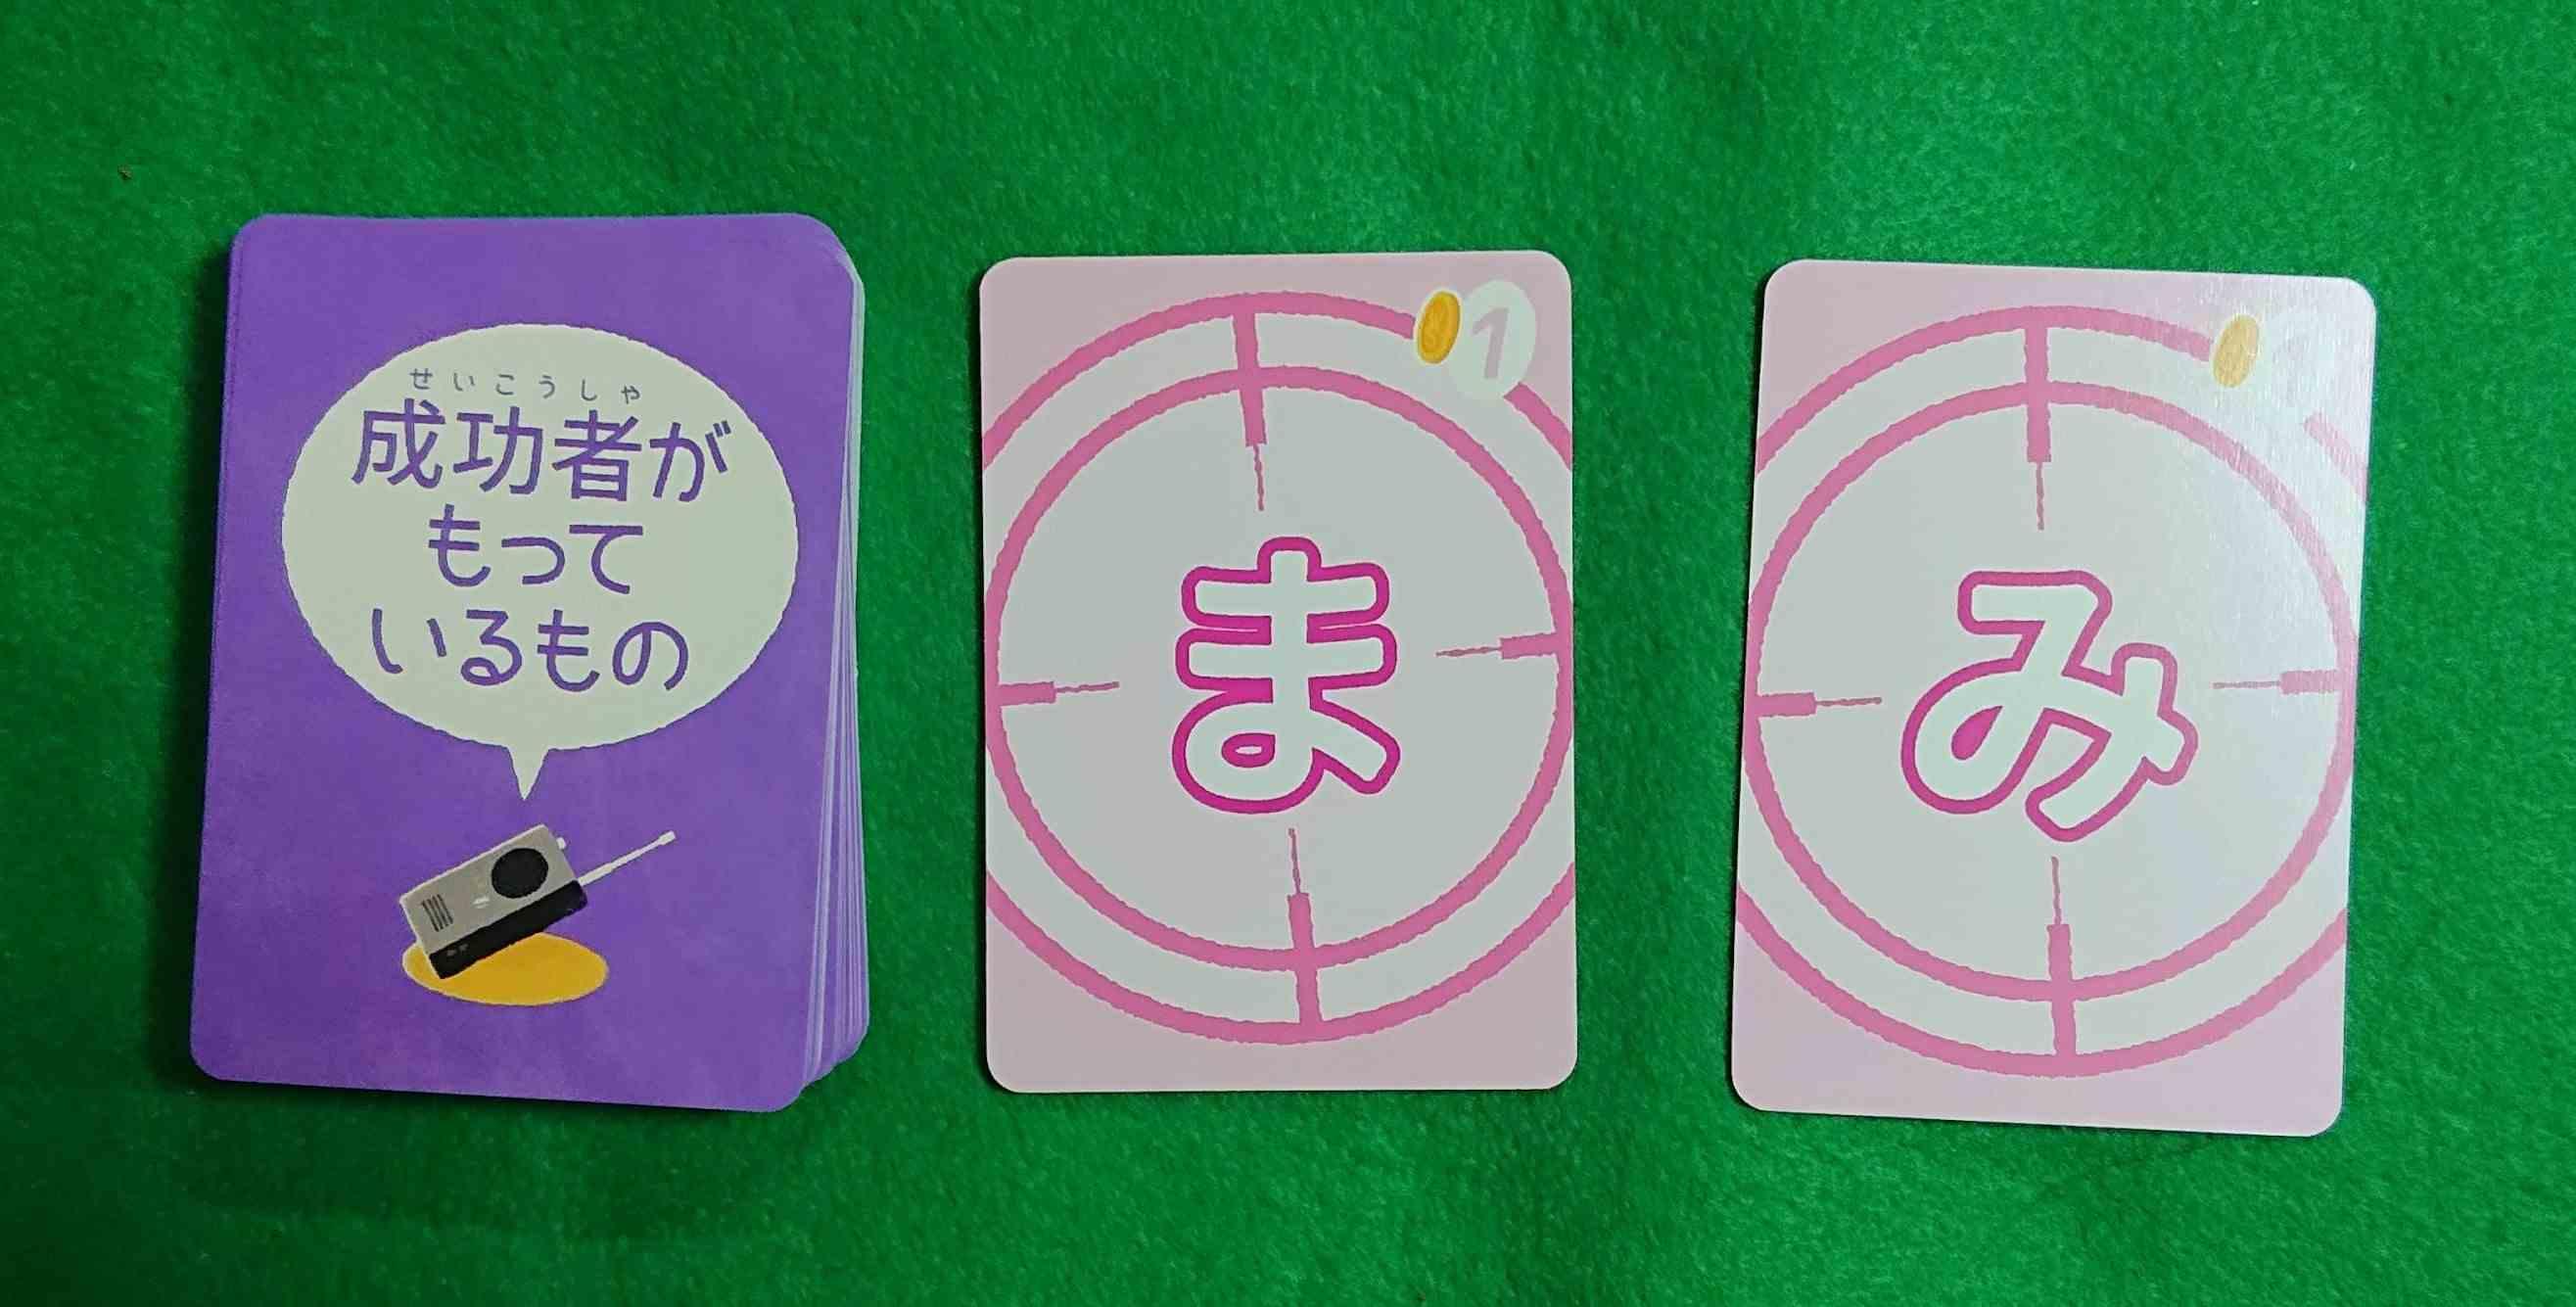 ワードスナイパーイマジン 面白いワード系カードゲームに続編が出ました! ボードゲーム